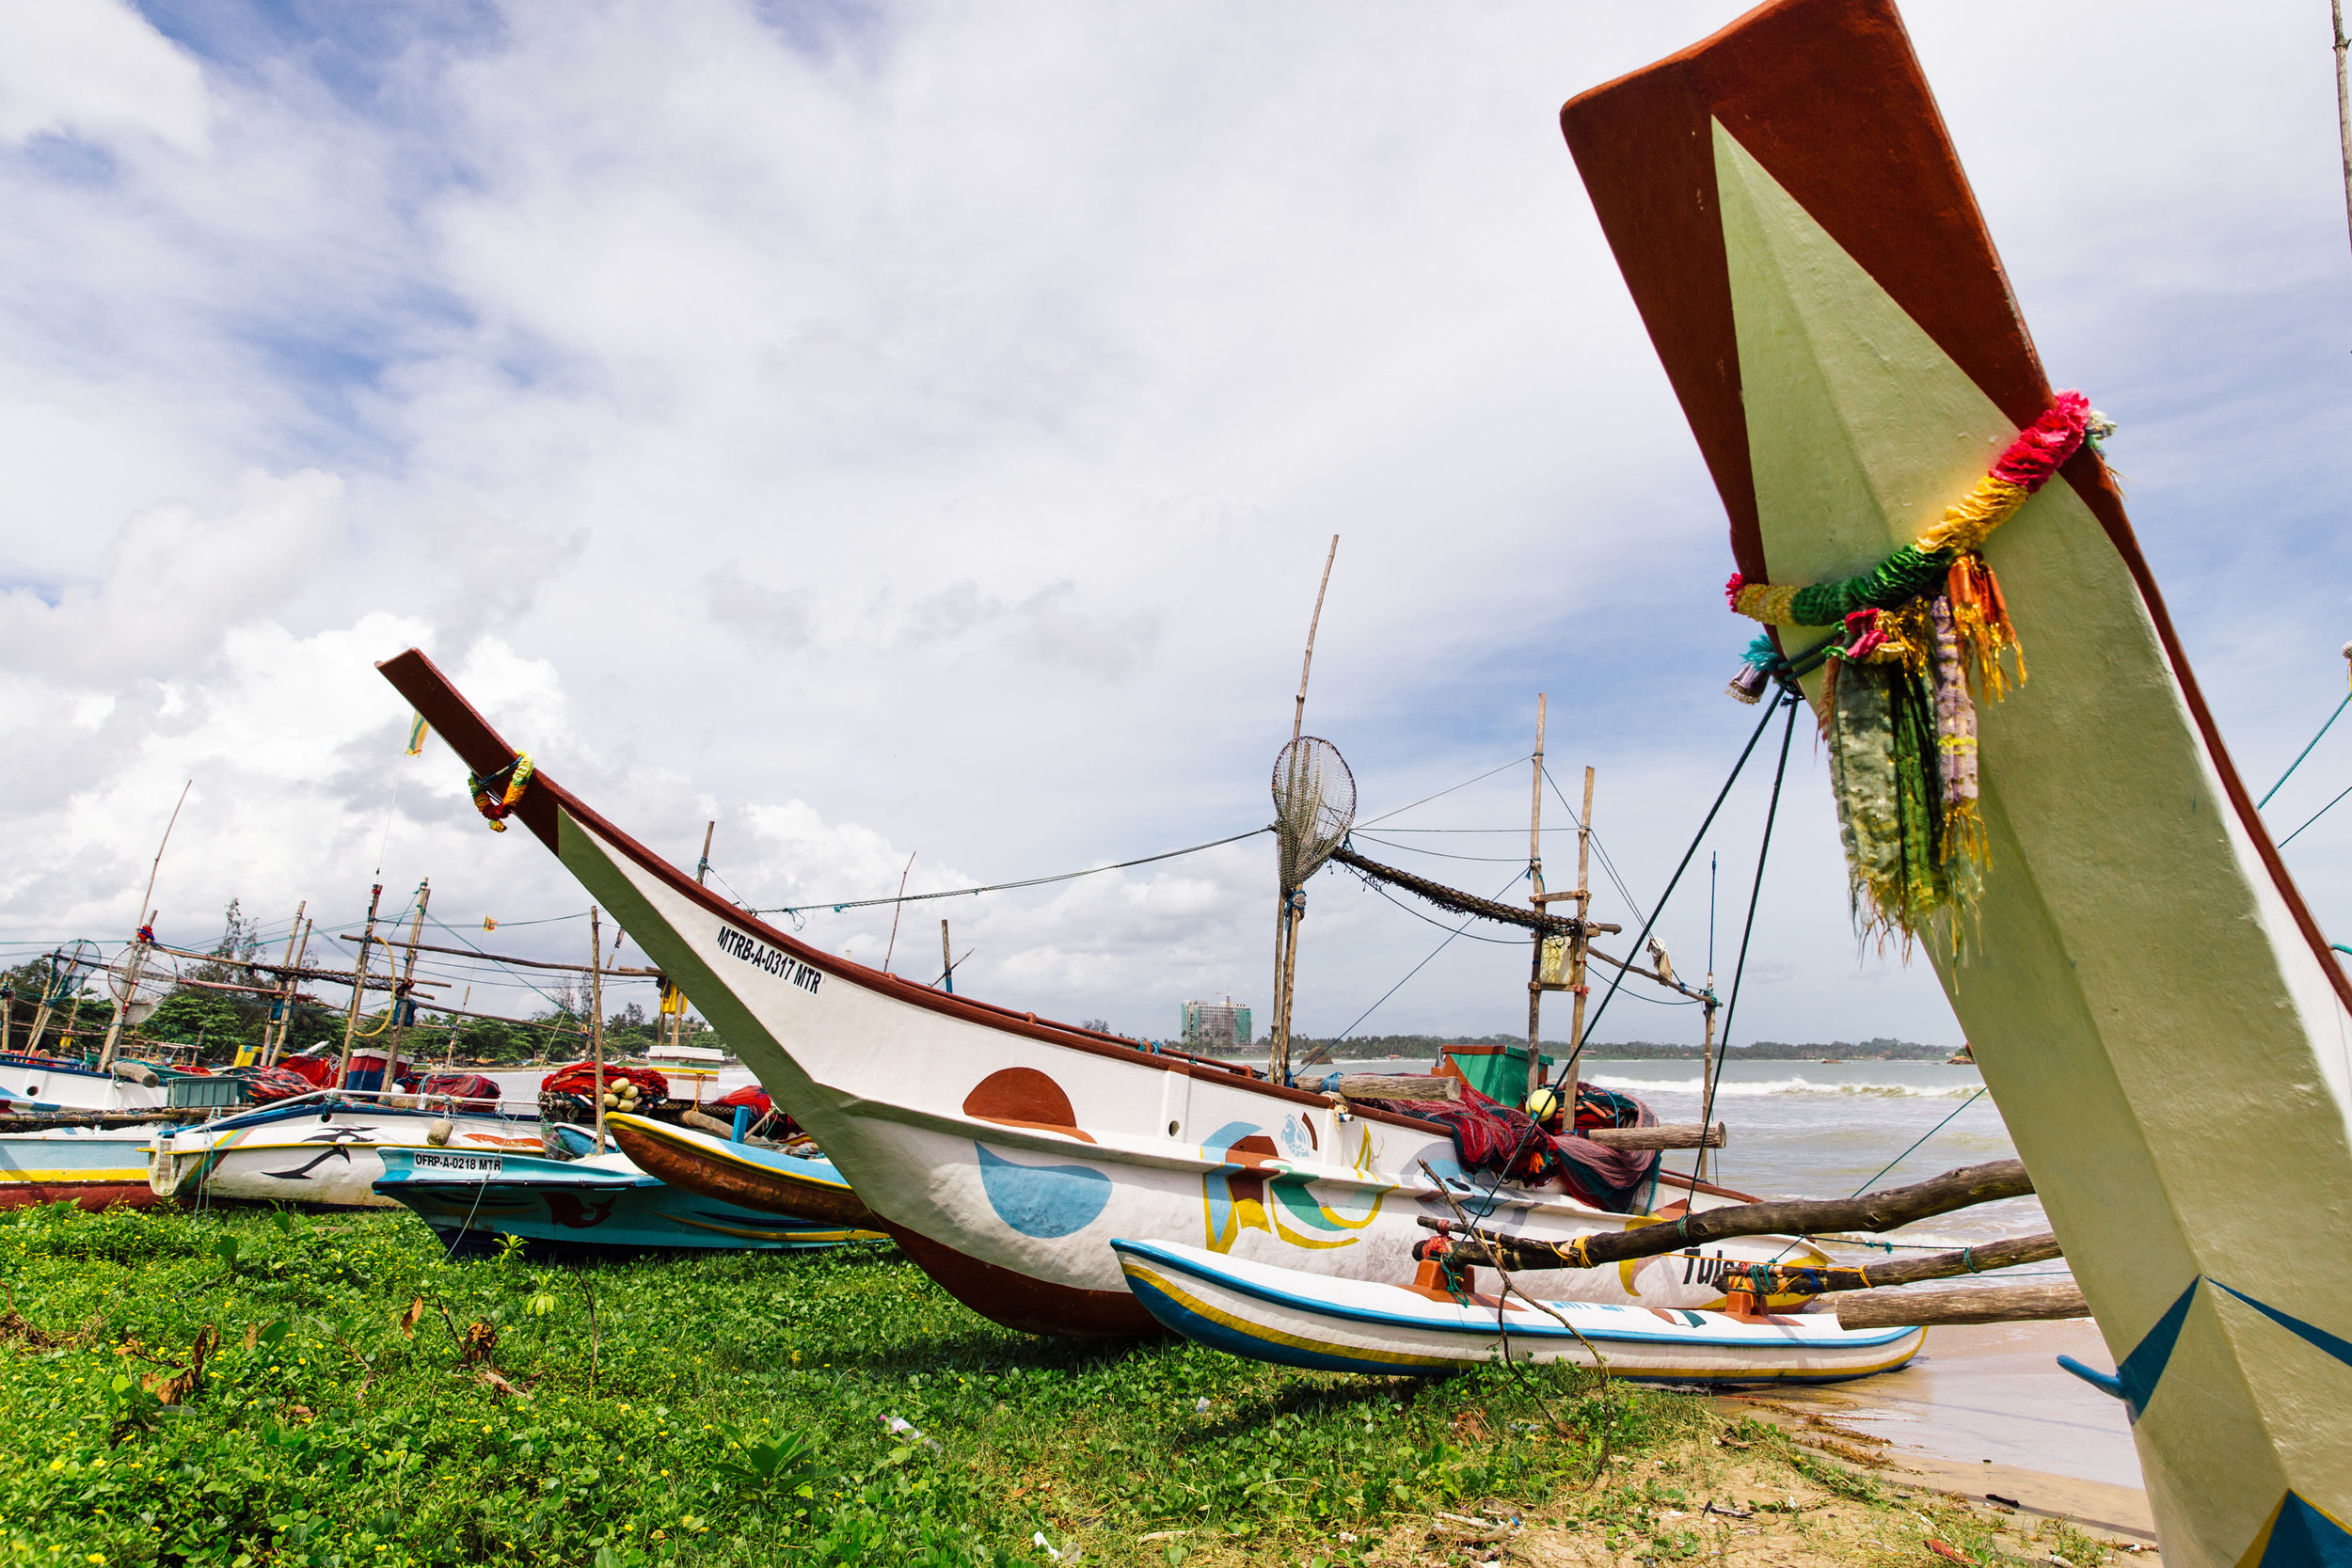 Delicious-SriLanka-PhotosCarolineMcCredie-Hi-228.jpg